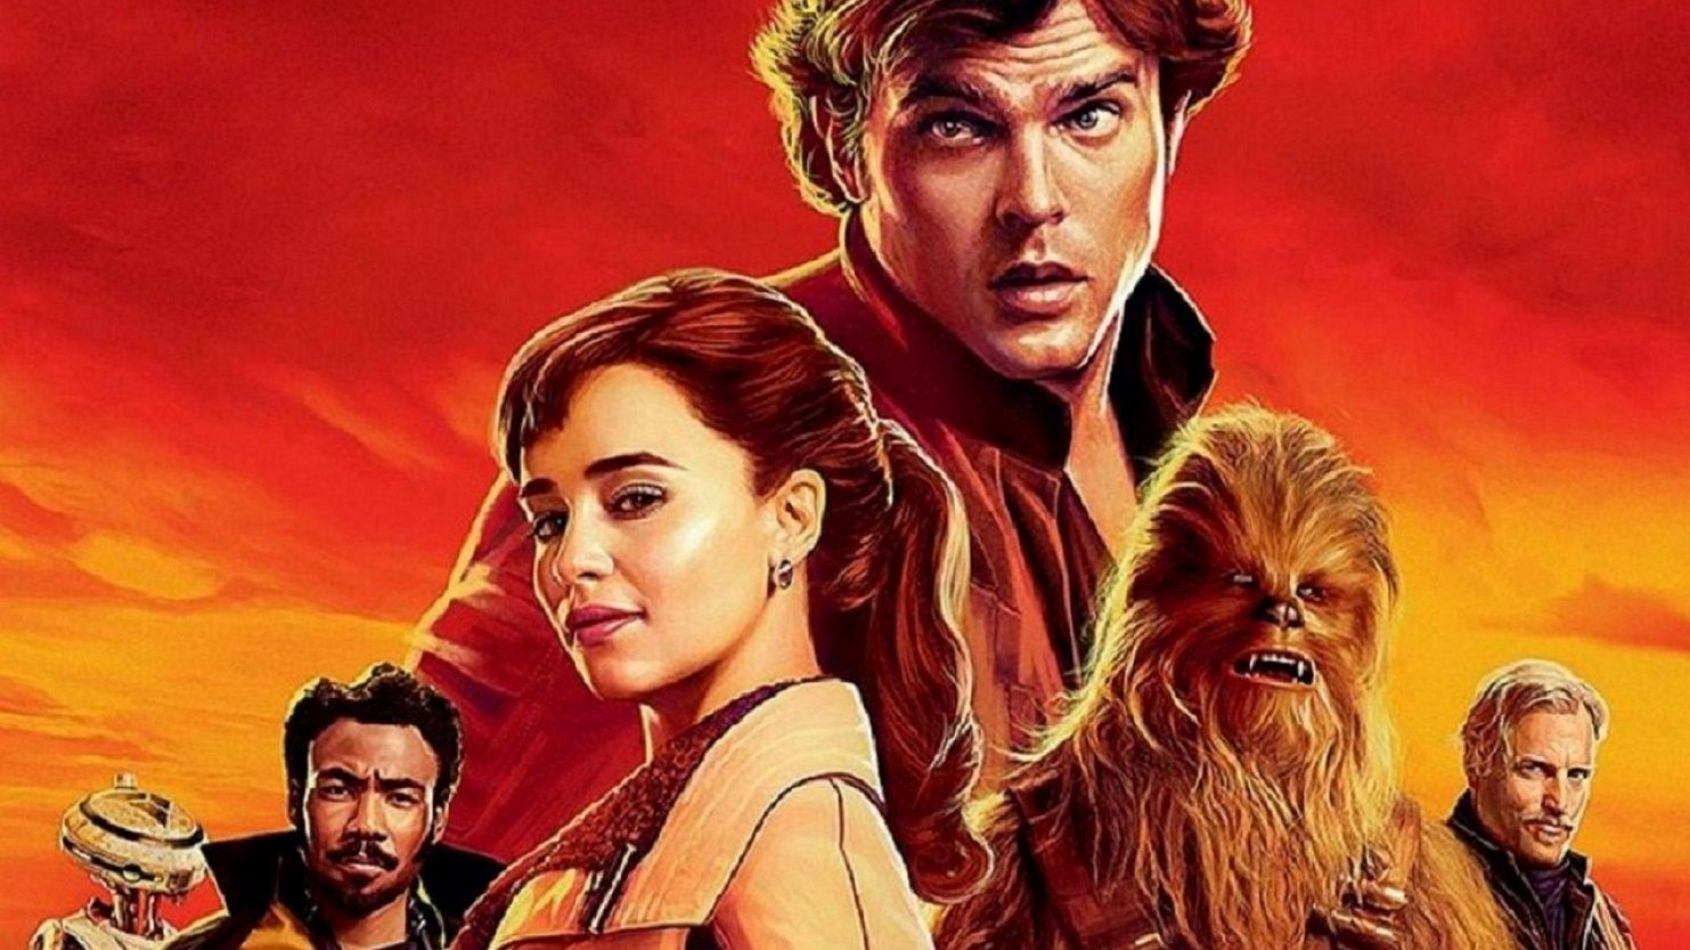 Le film Solo vu par le staff Planète Star Wars